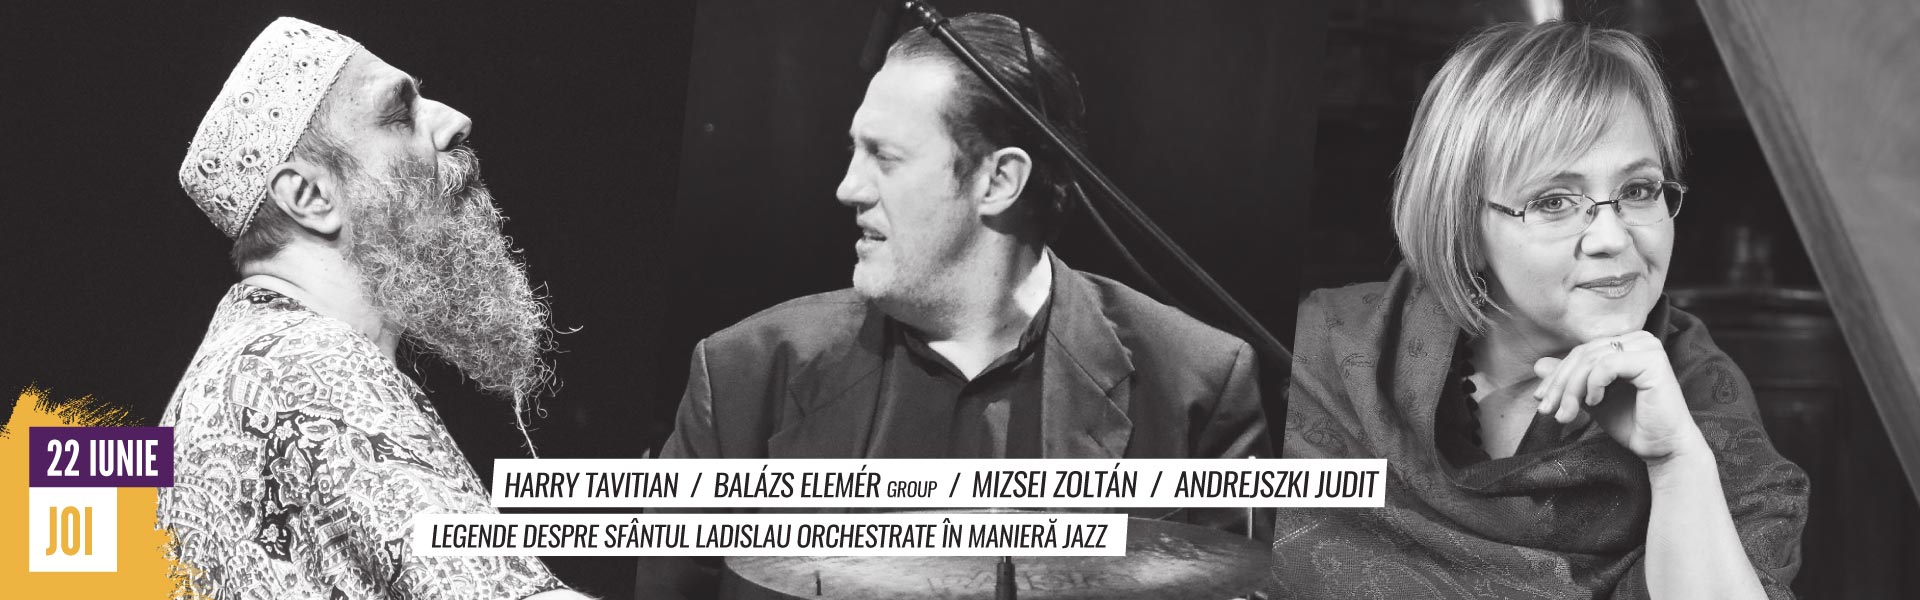 SZLN2017_09_Jazz-RO